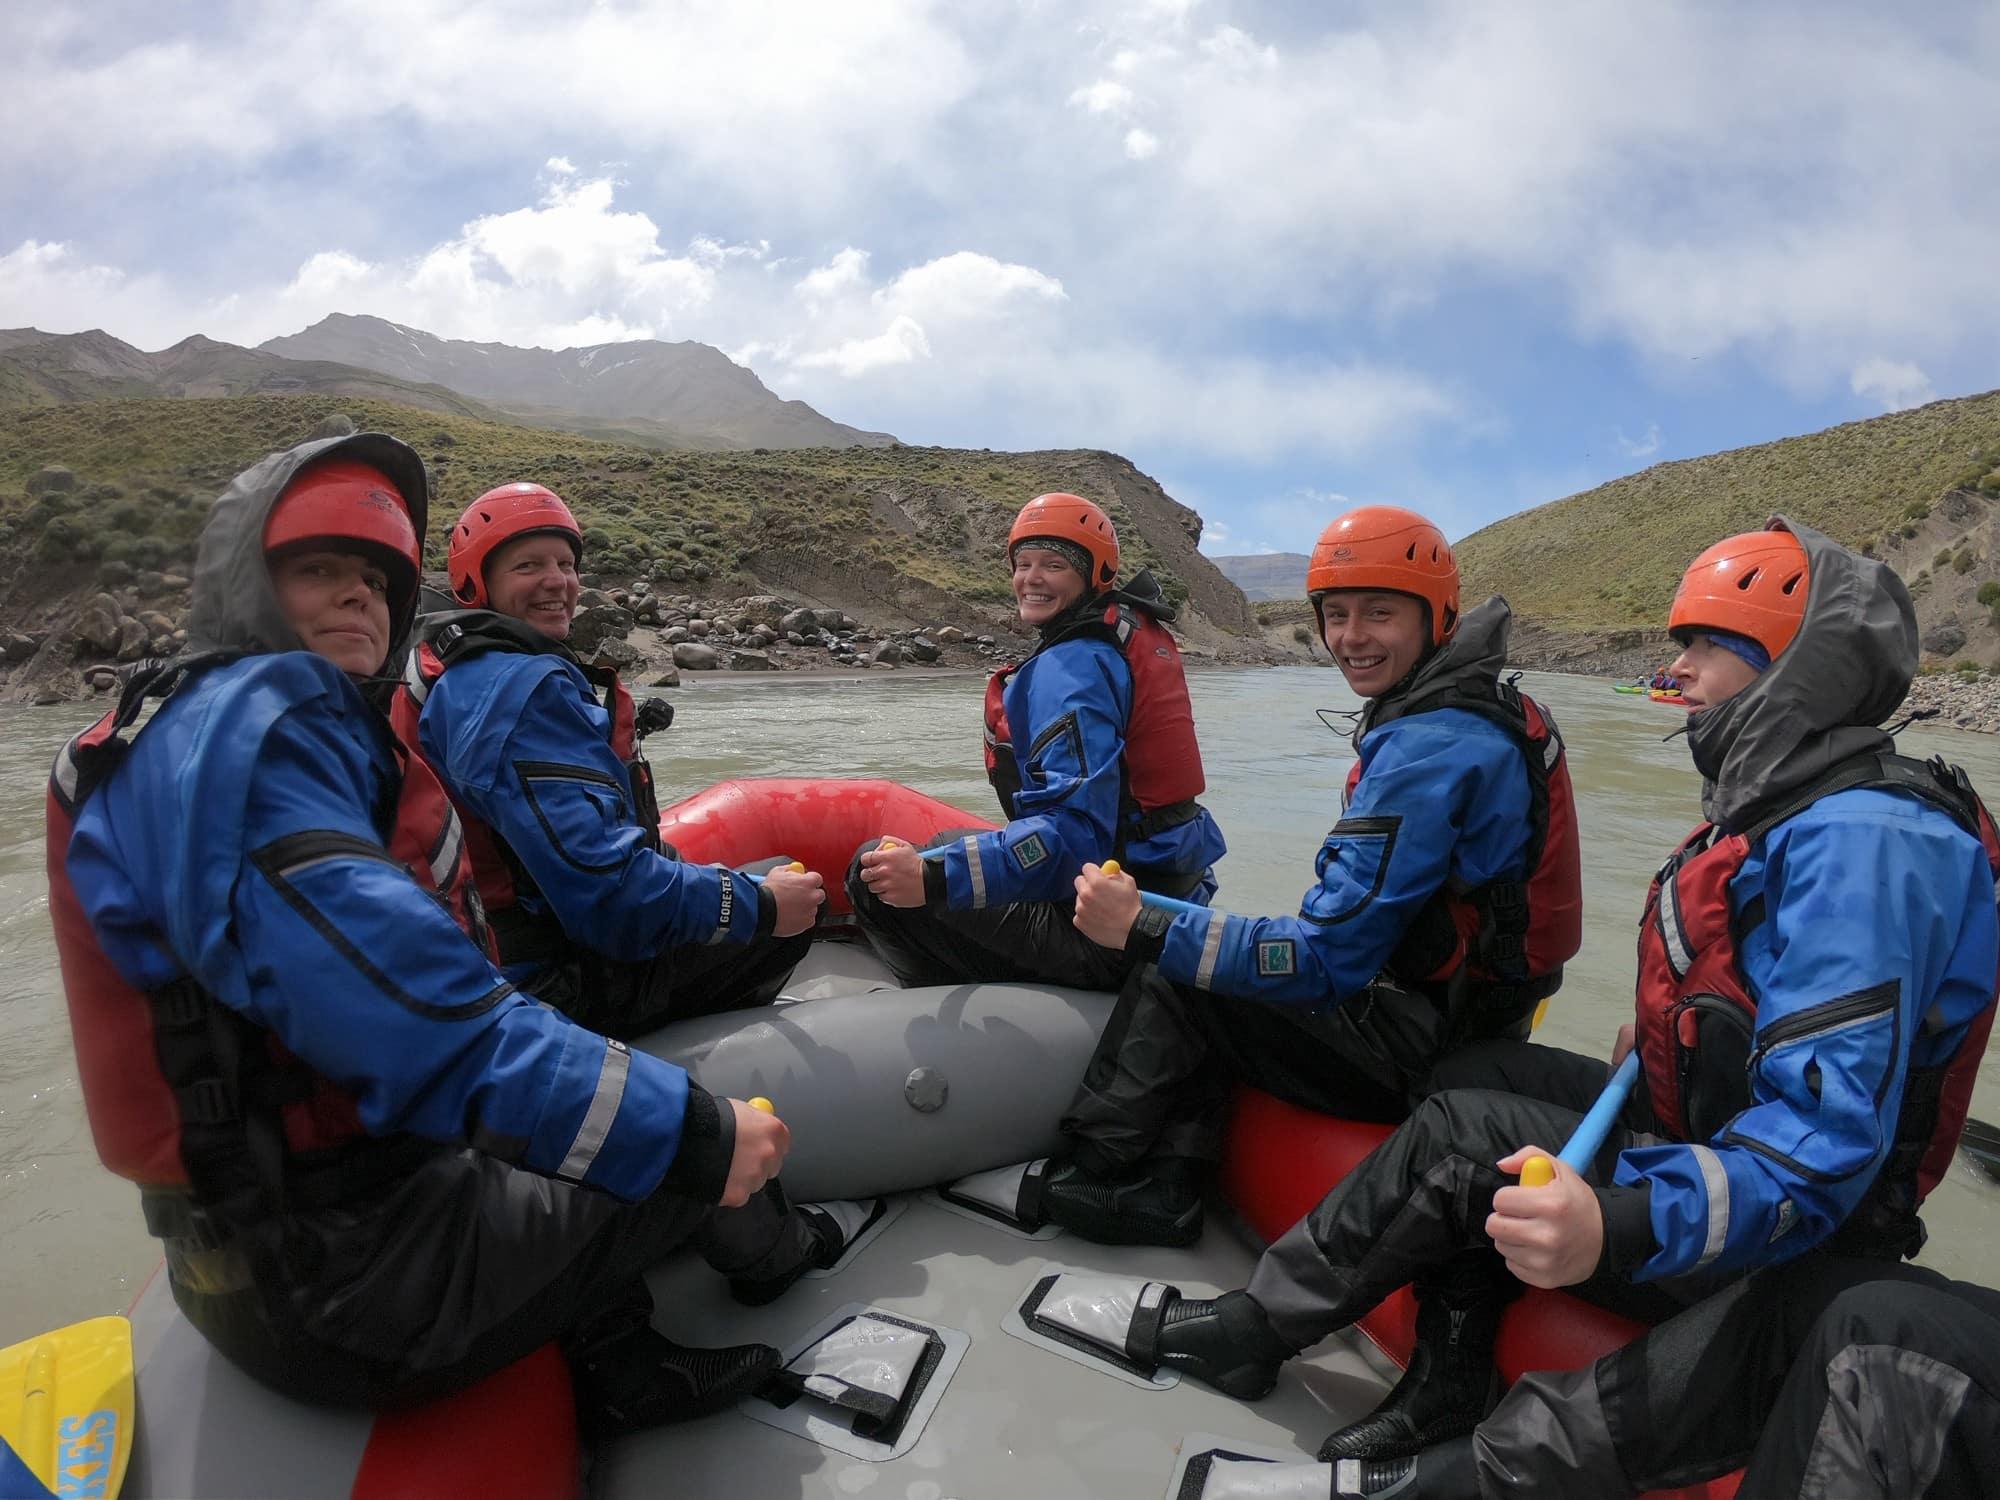 Rafing on the Rio De Las Vueltas River in El Chalten, Argentina on a G Adventures tour